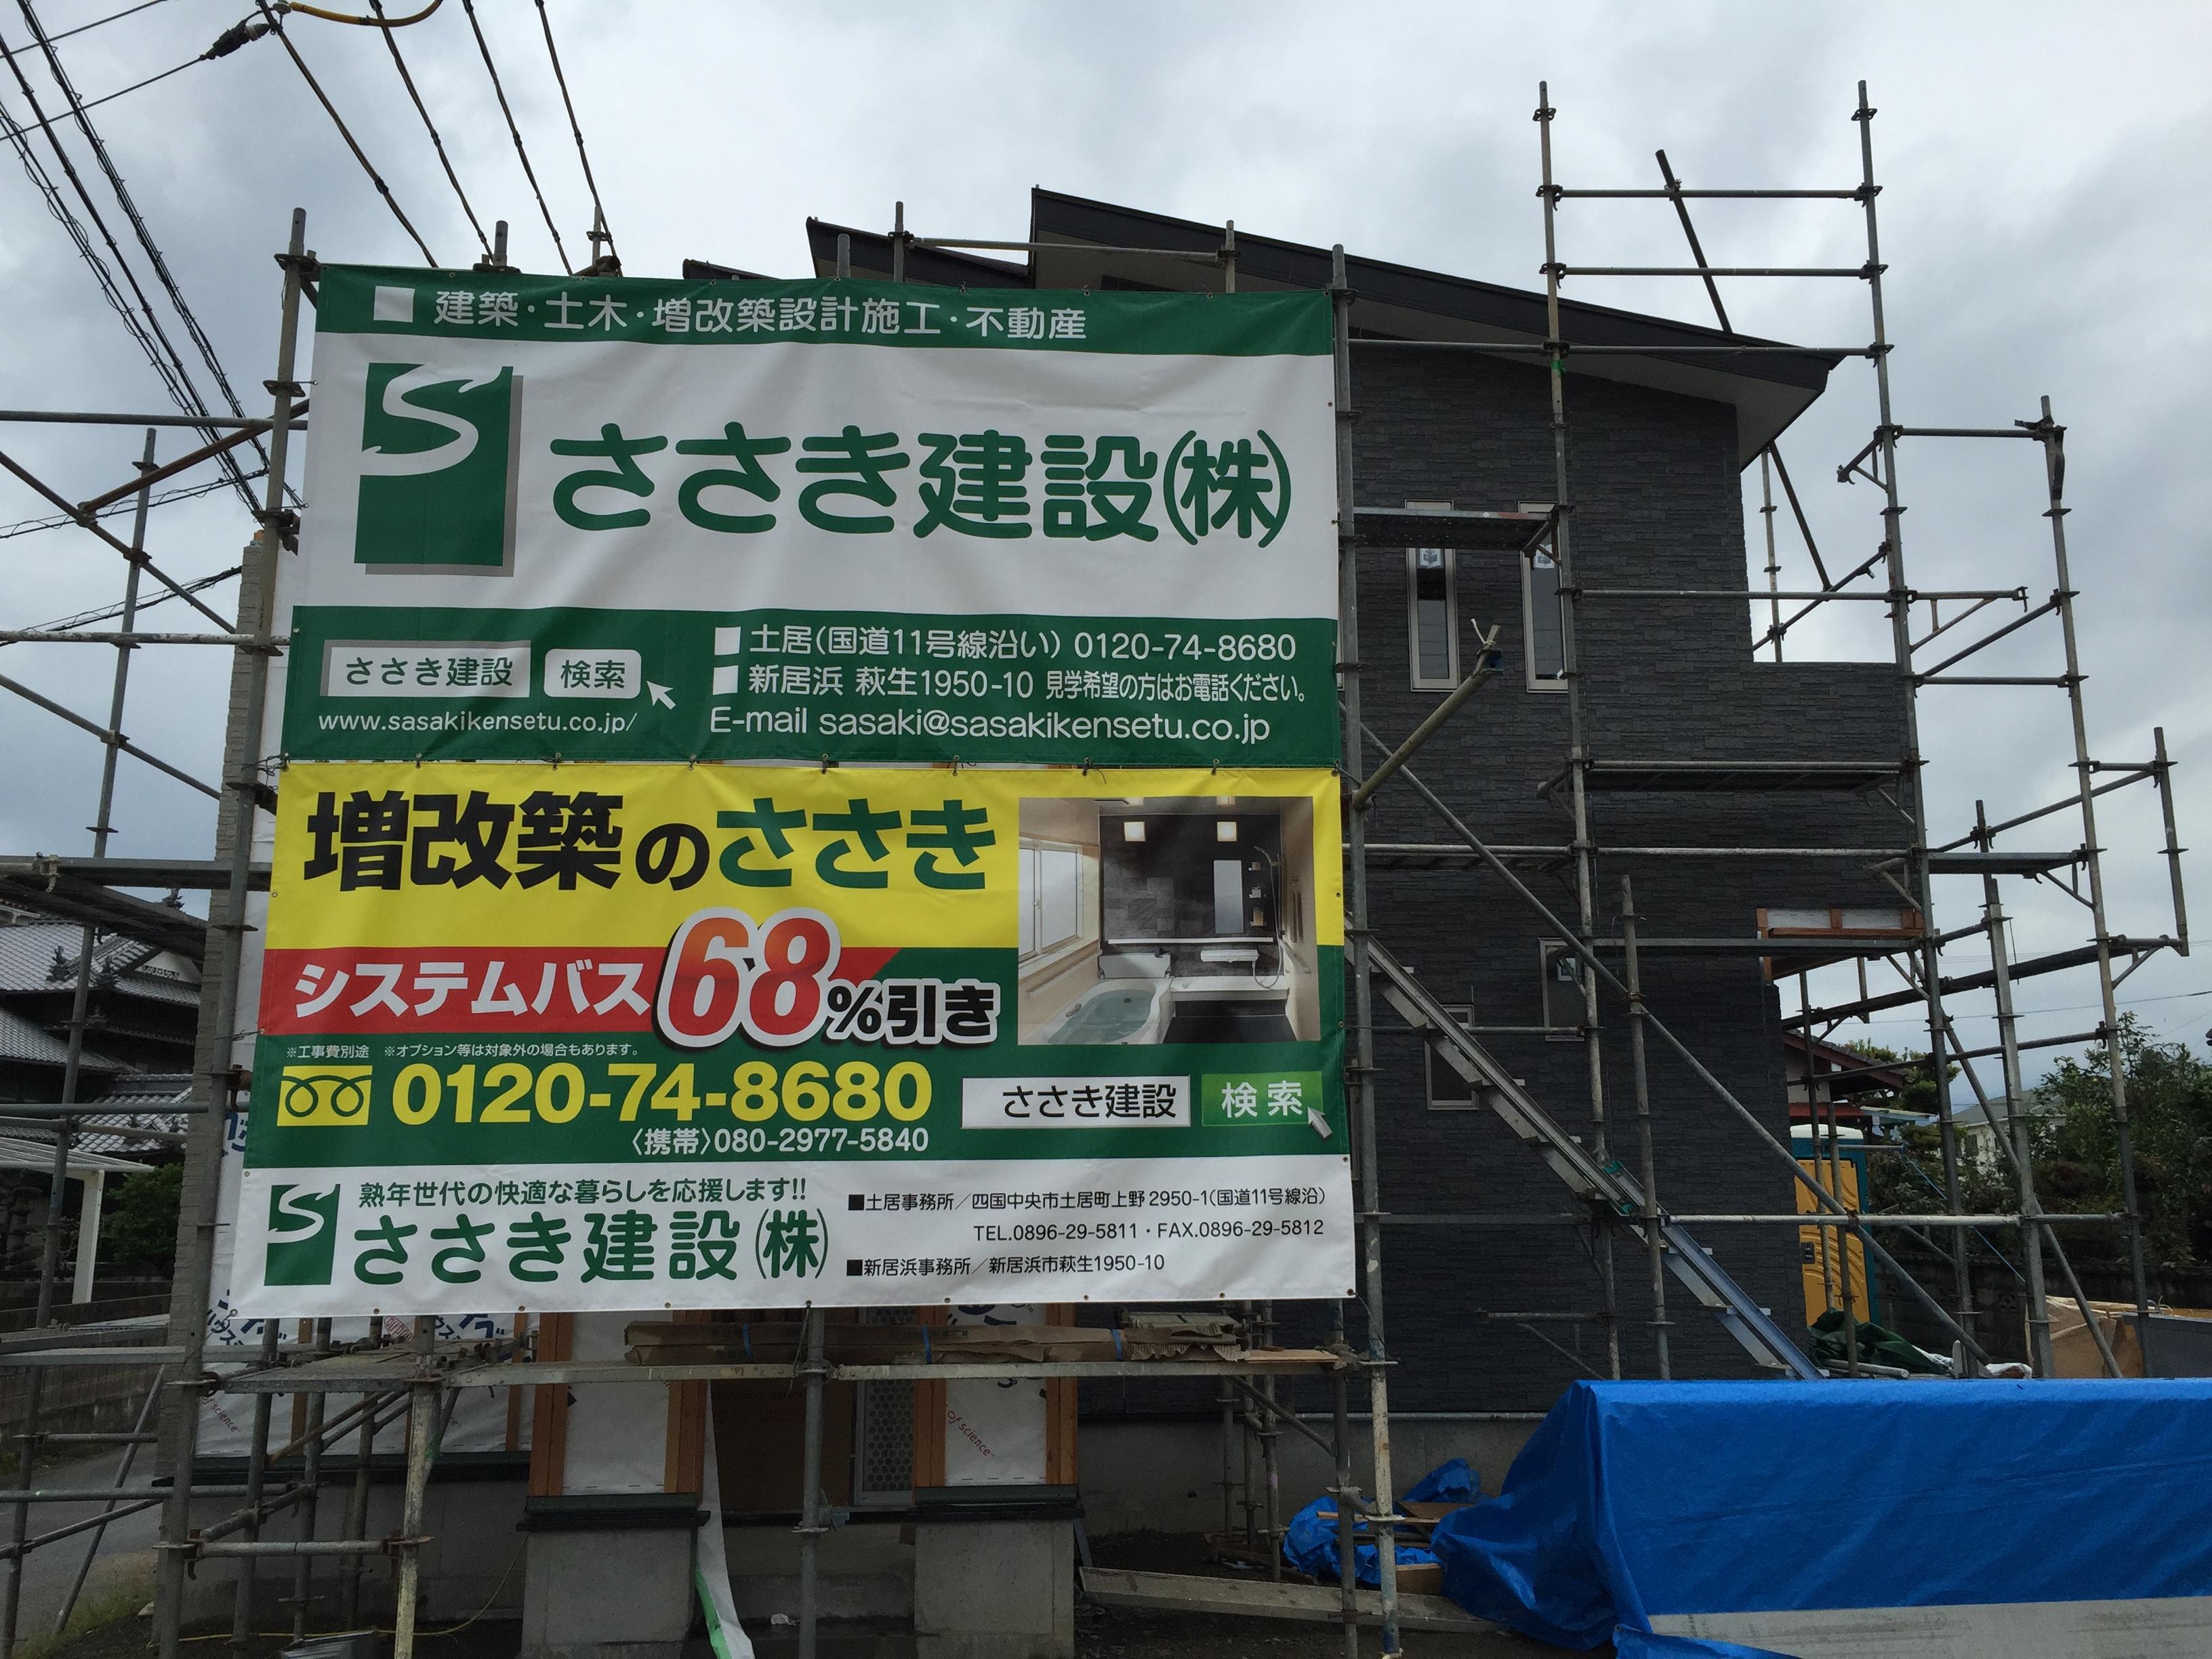 四国中央市で建設会社が建てた家の現場写真